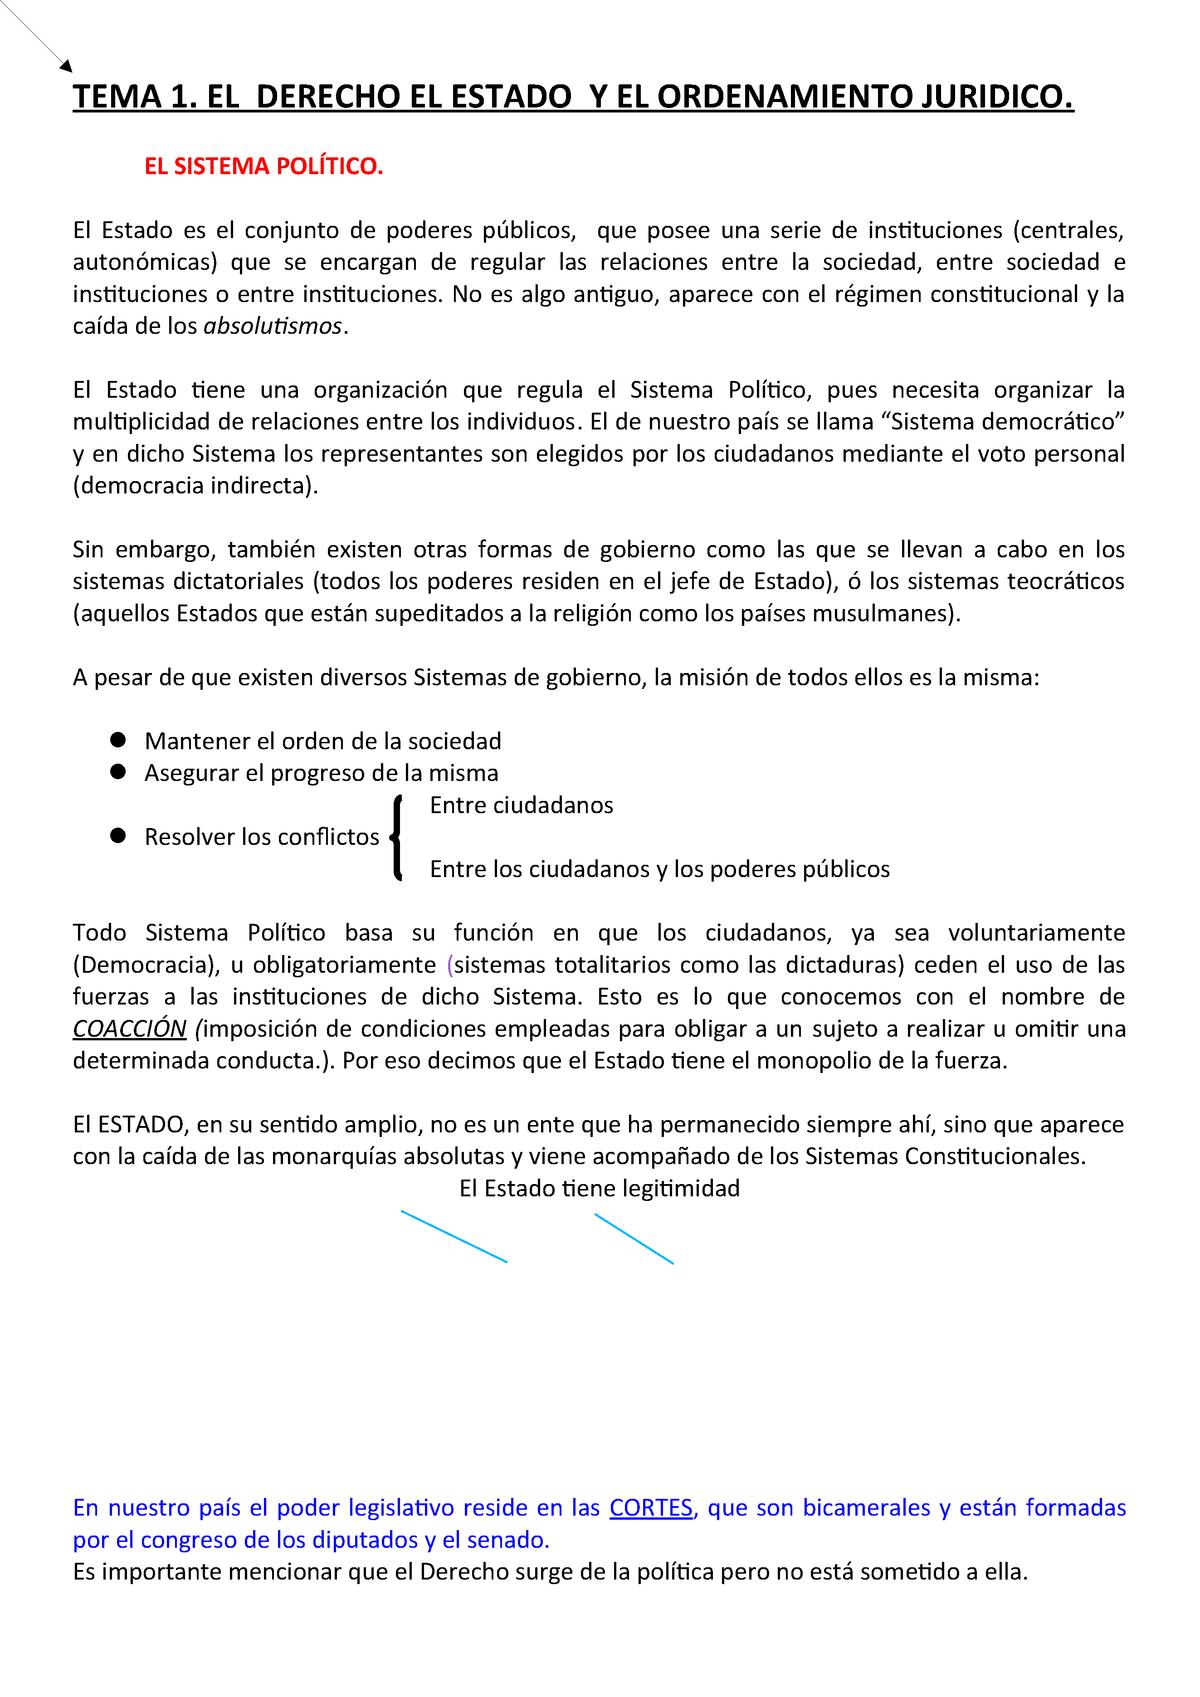 Constitucional I Apuntes 1 2 3 4 5 6 7 8 9 10 11 12 Studocu